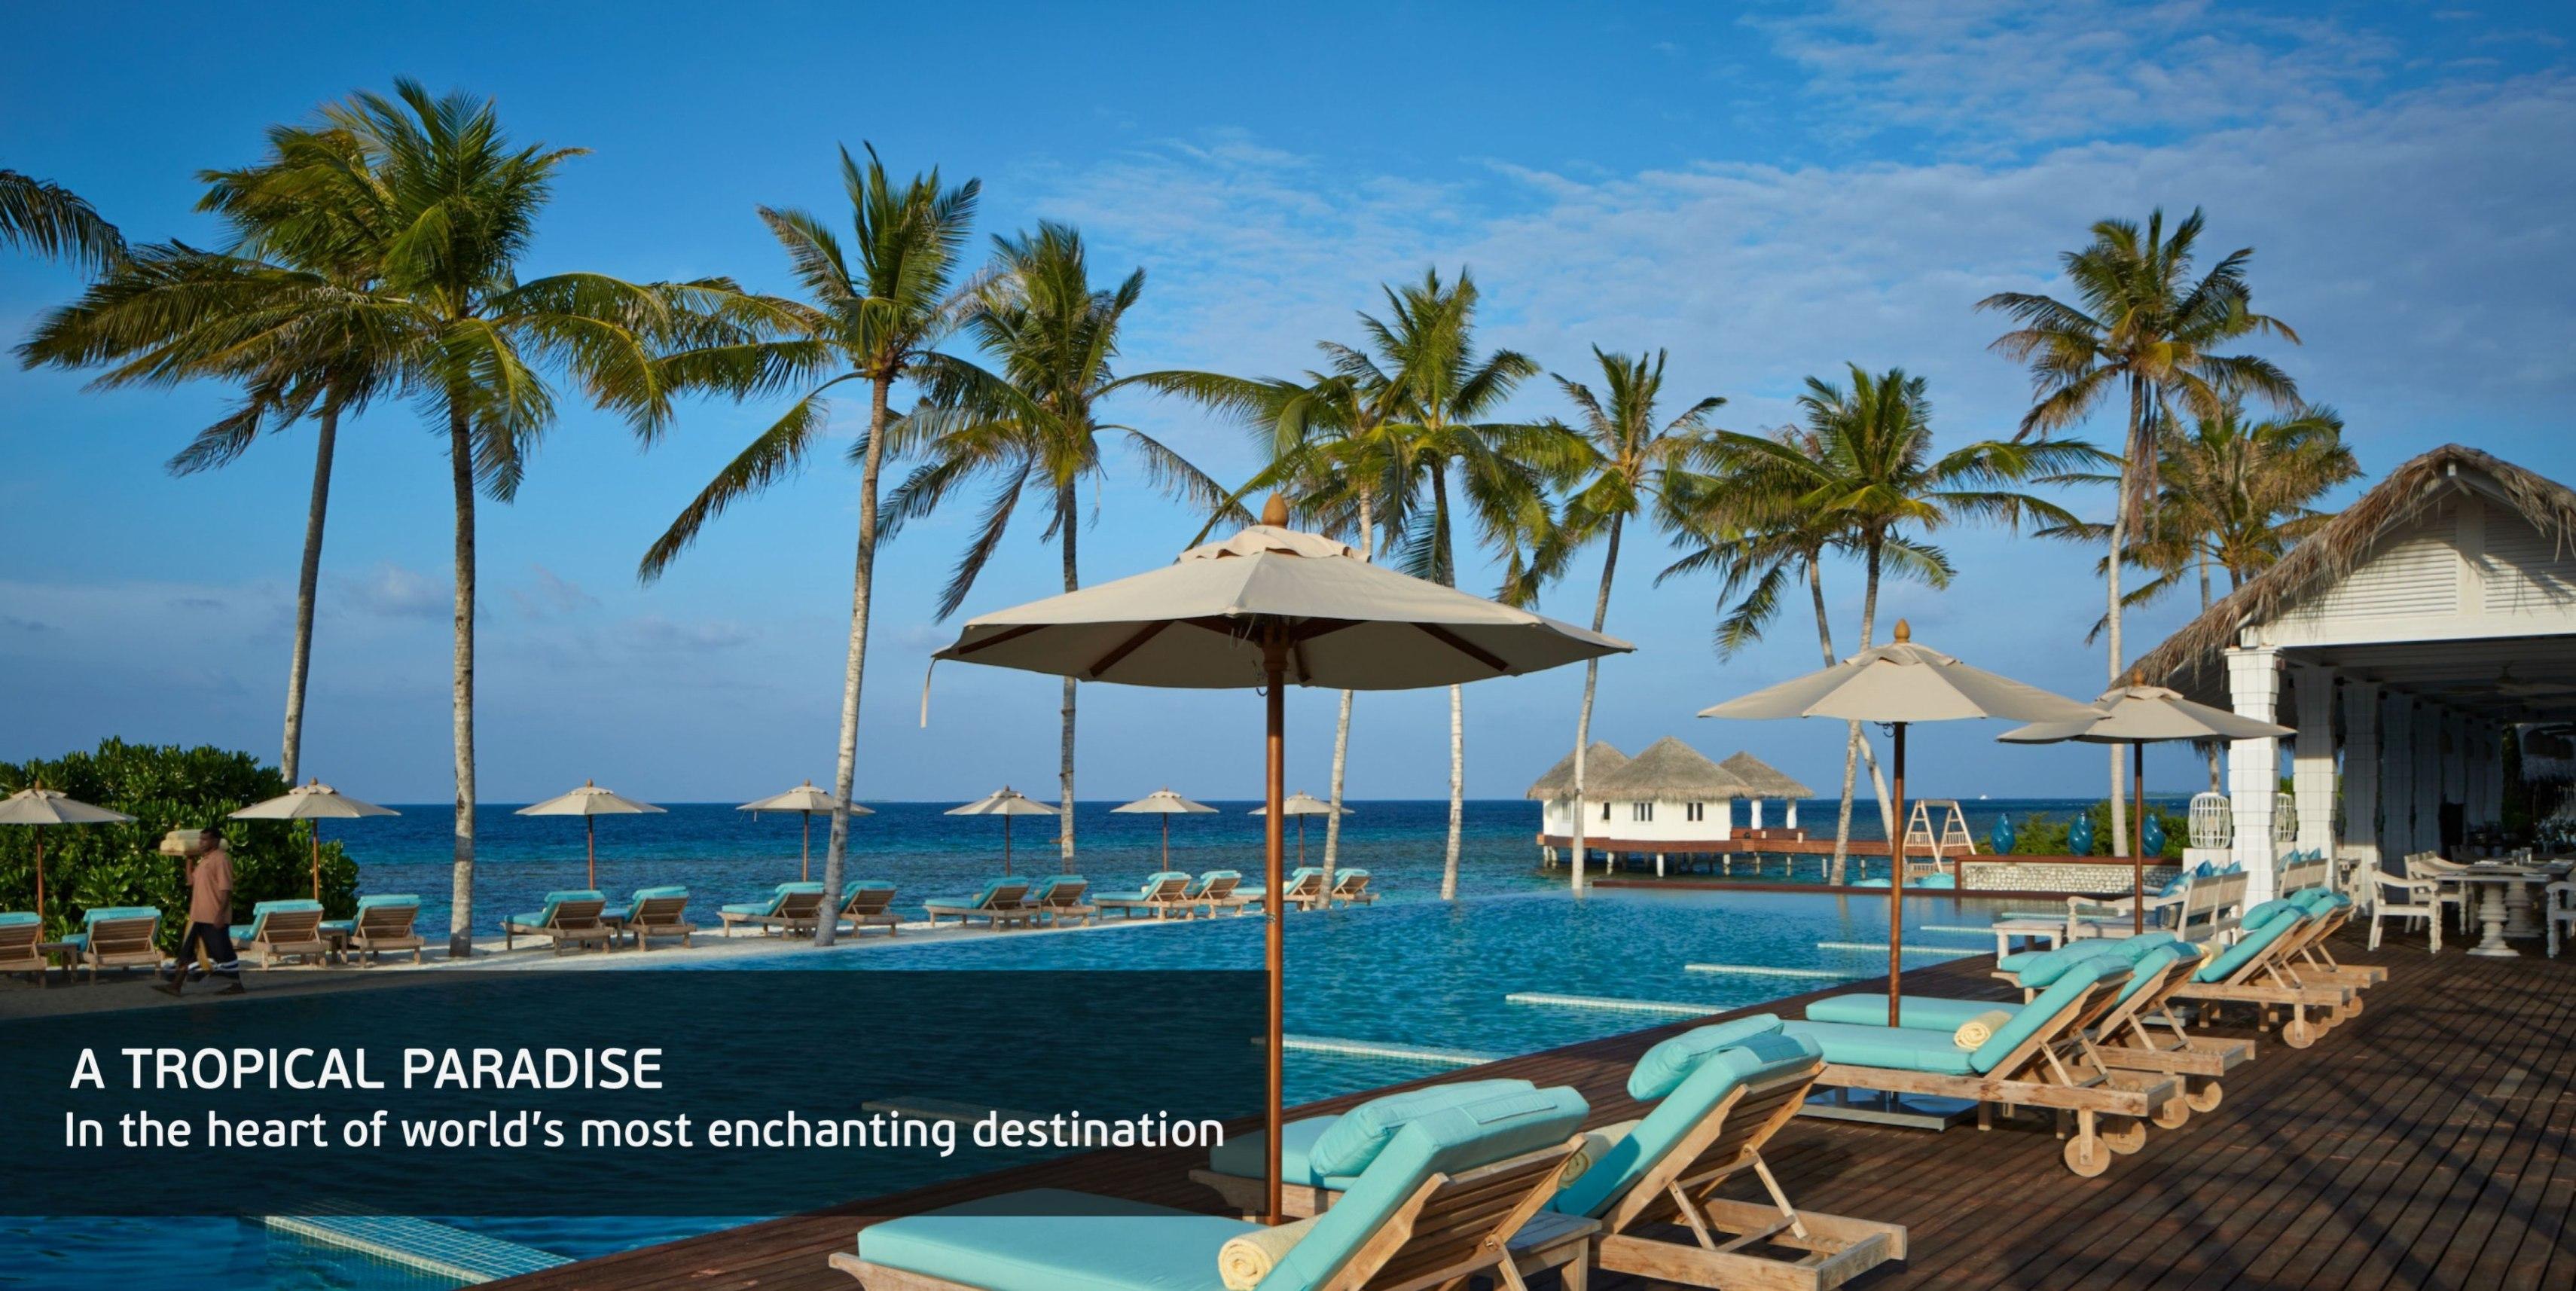 马尔代夫图片,马尔代夫旅游图片,洛马酒店,Loama Maldives